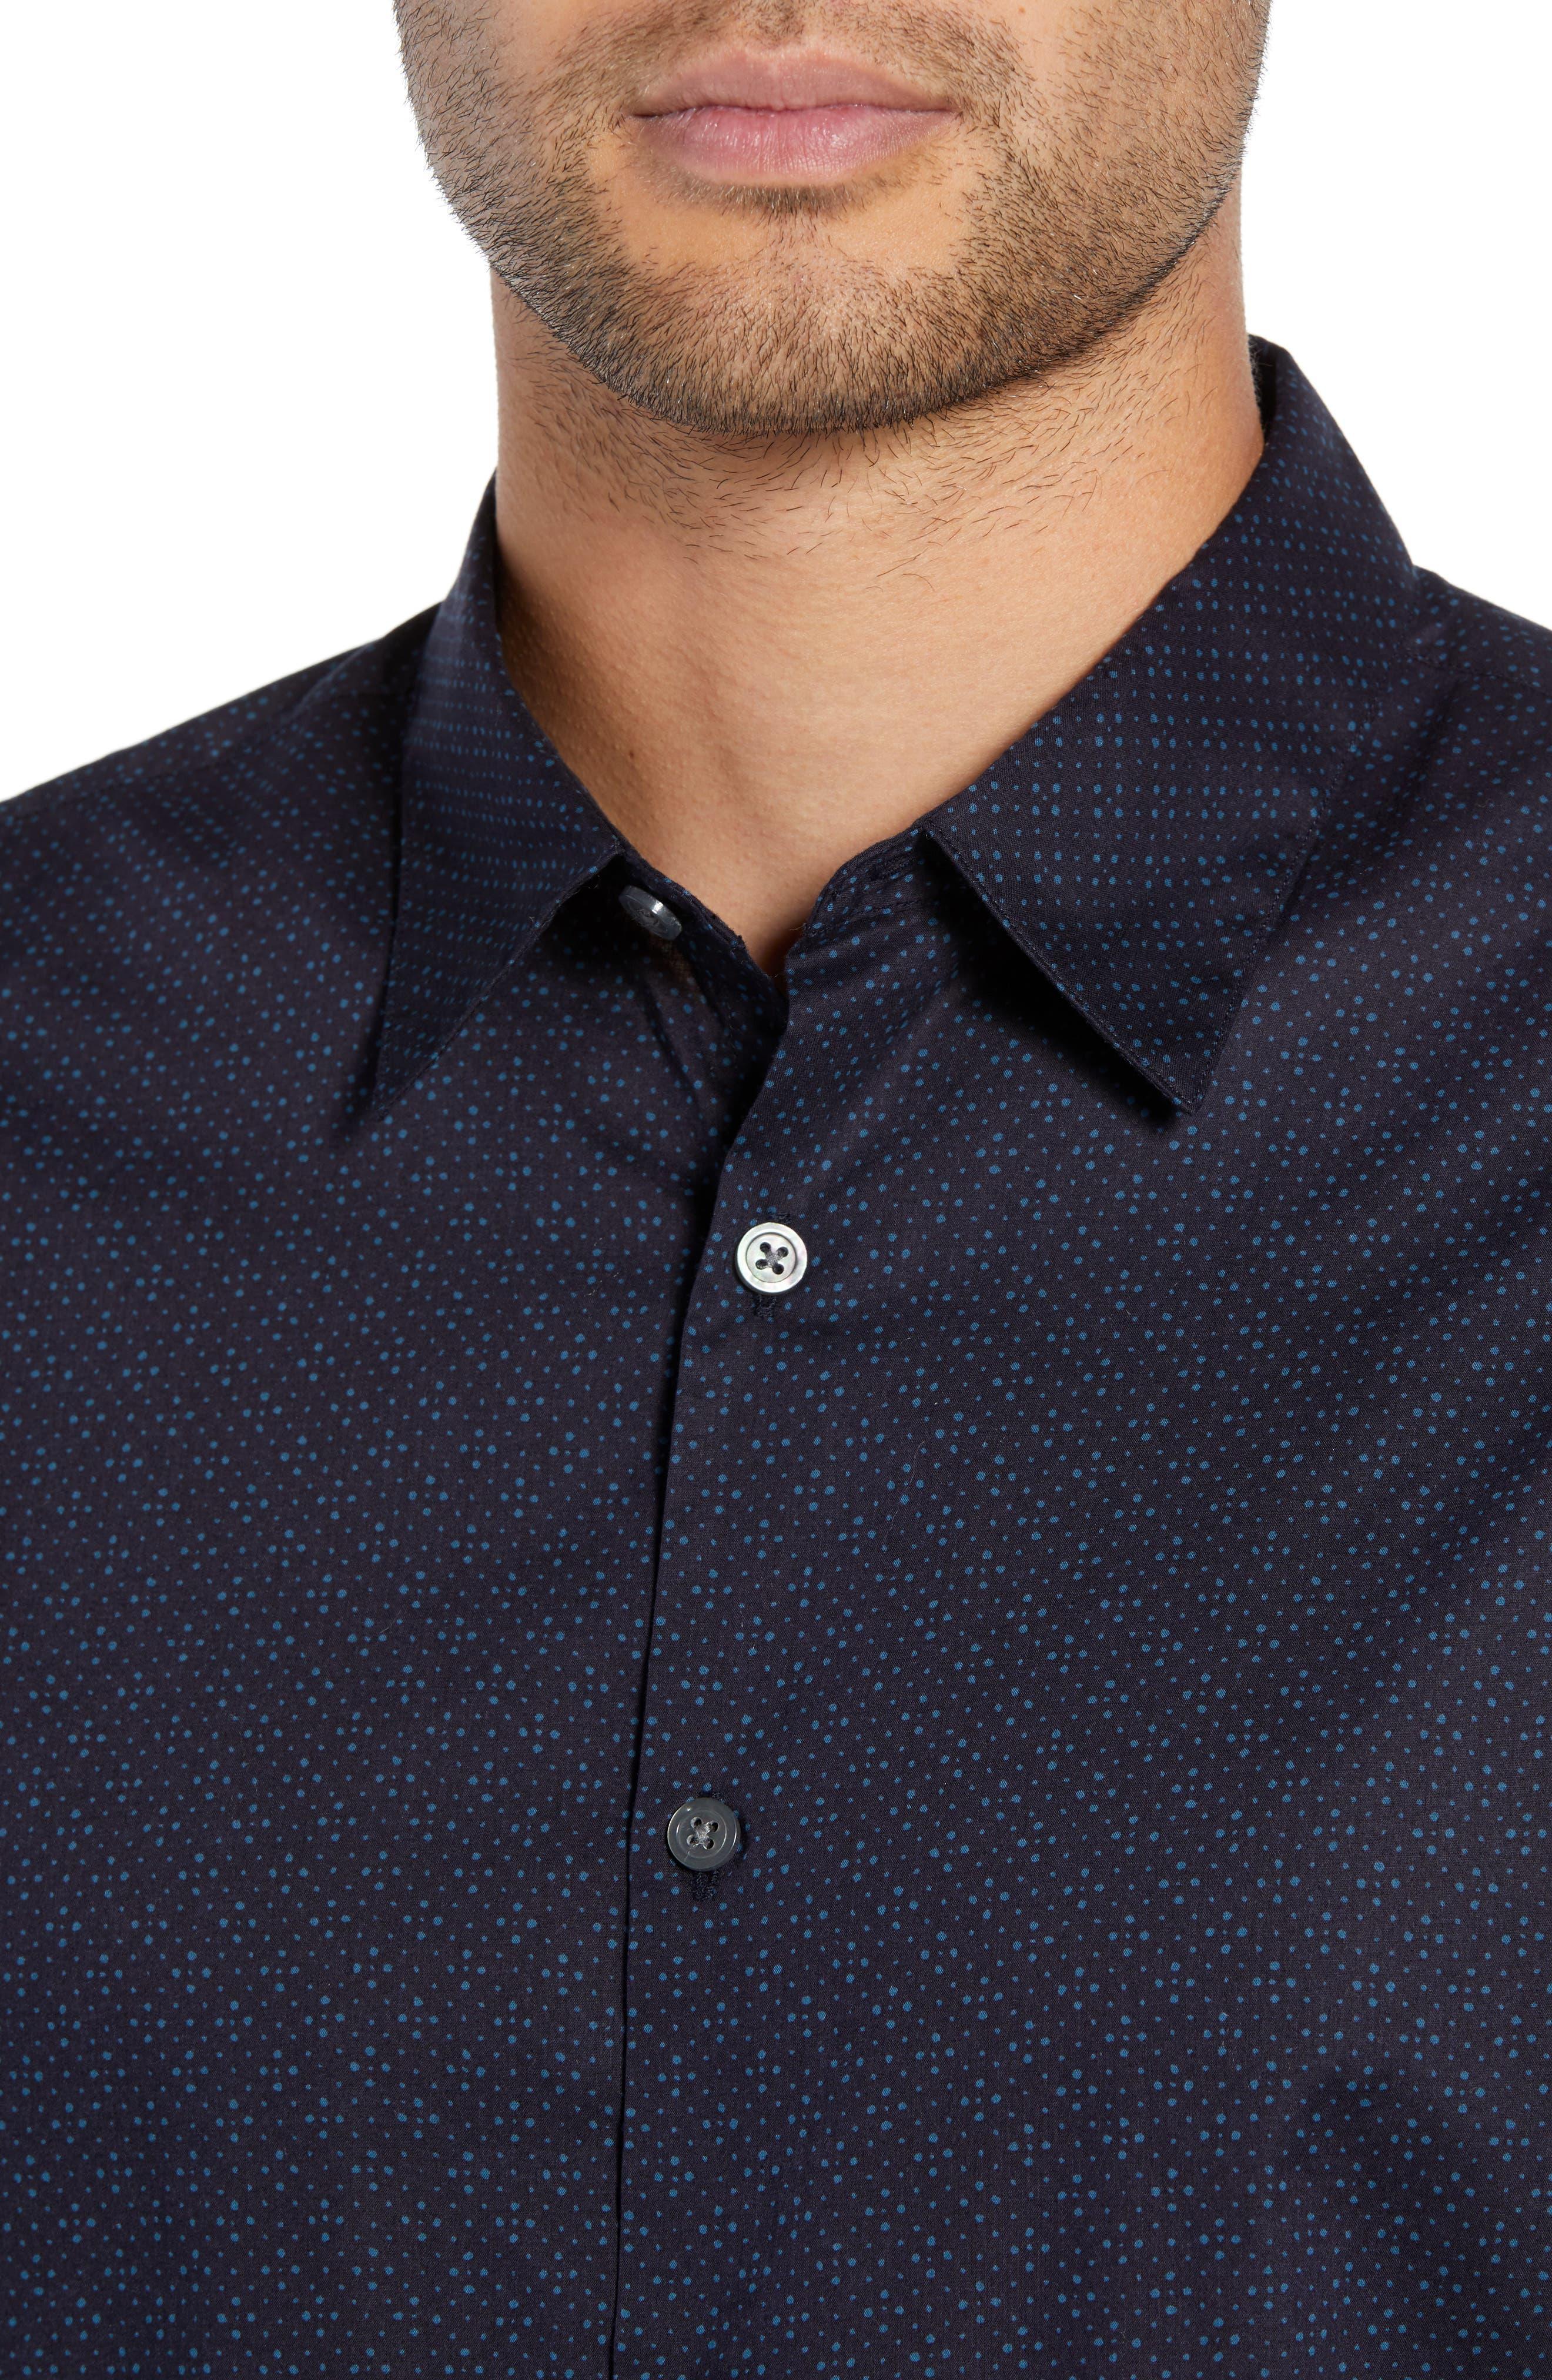 Diamond Print Sport Shirt,                             Alternate thumbnail 2, color,                             RAIN BLUE